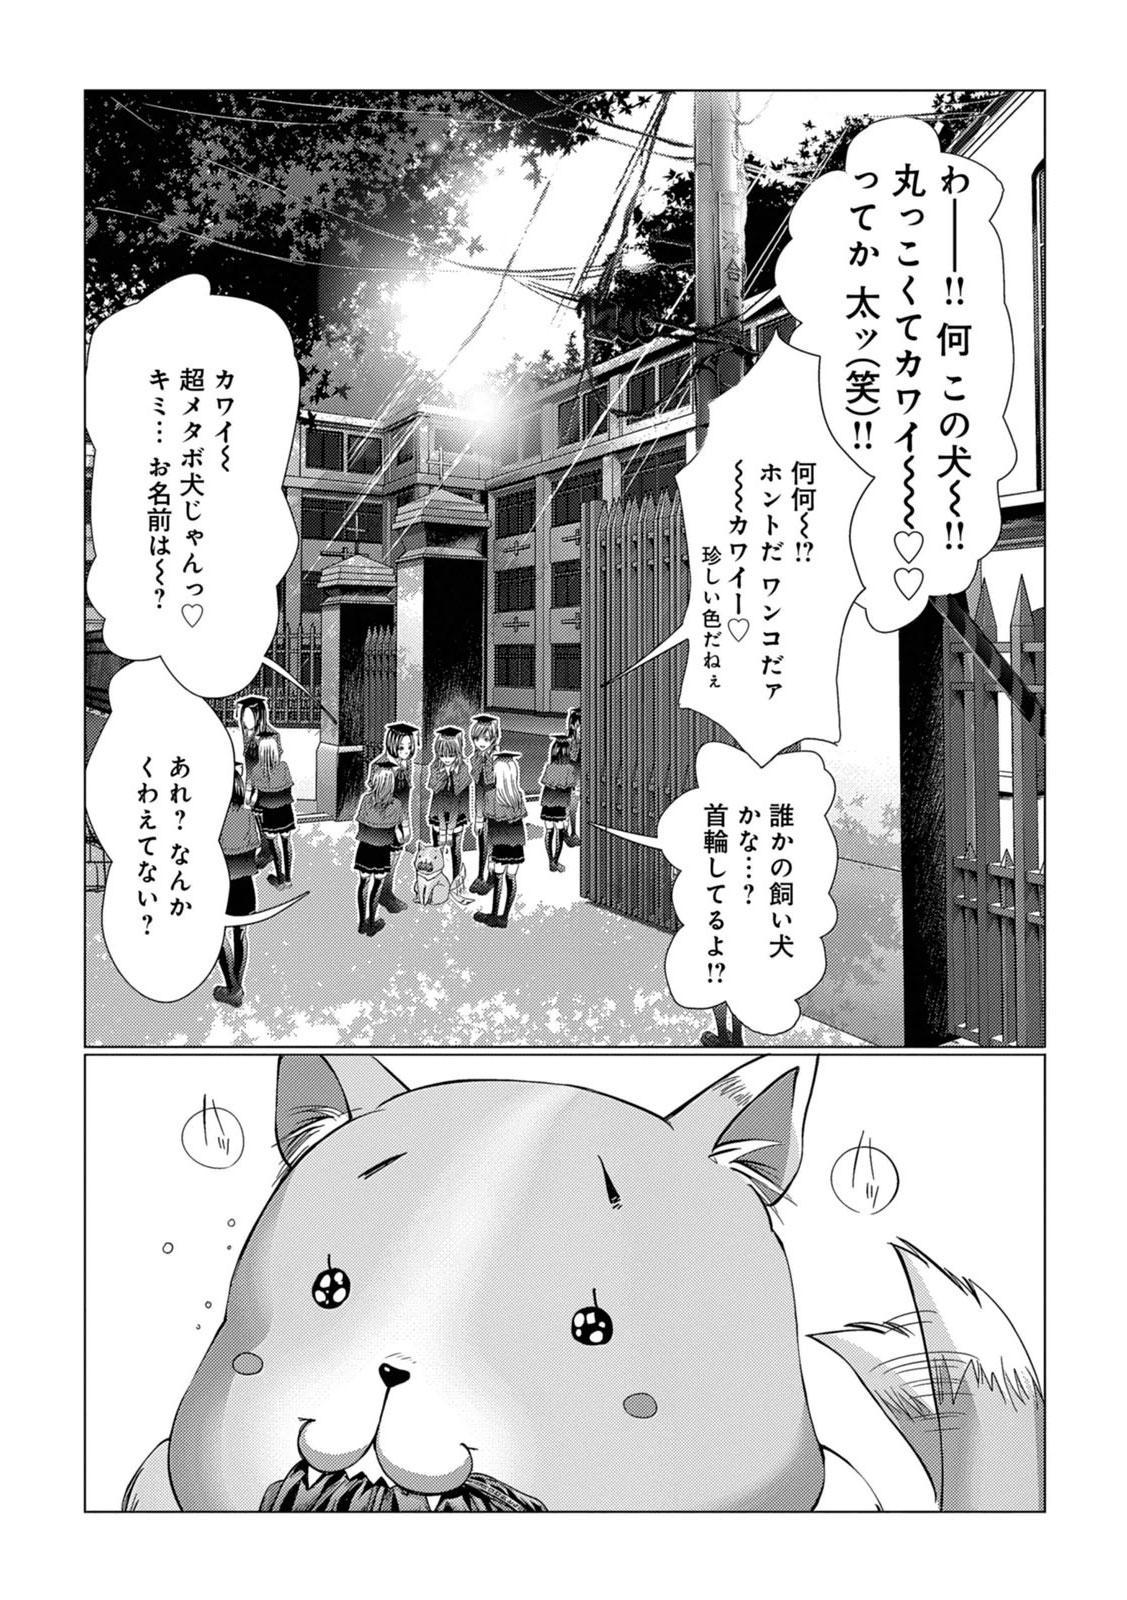 [Miyazaki Maya] Holy Knight ~Junketsu to Ai no Hazama de~ Vol. 1 10